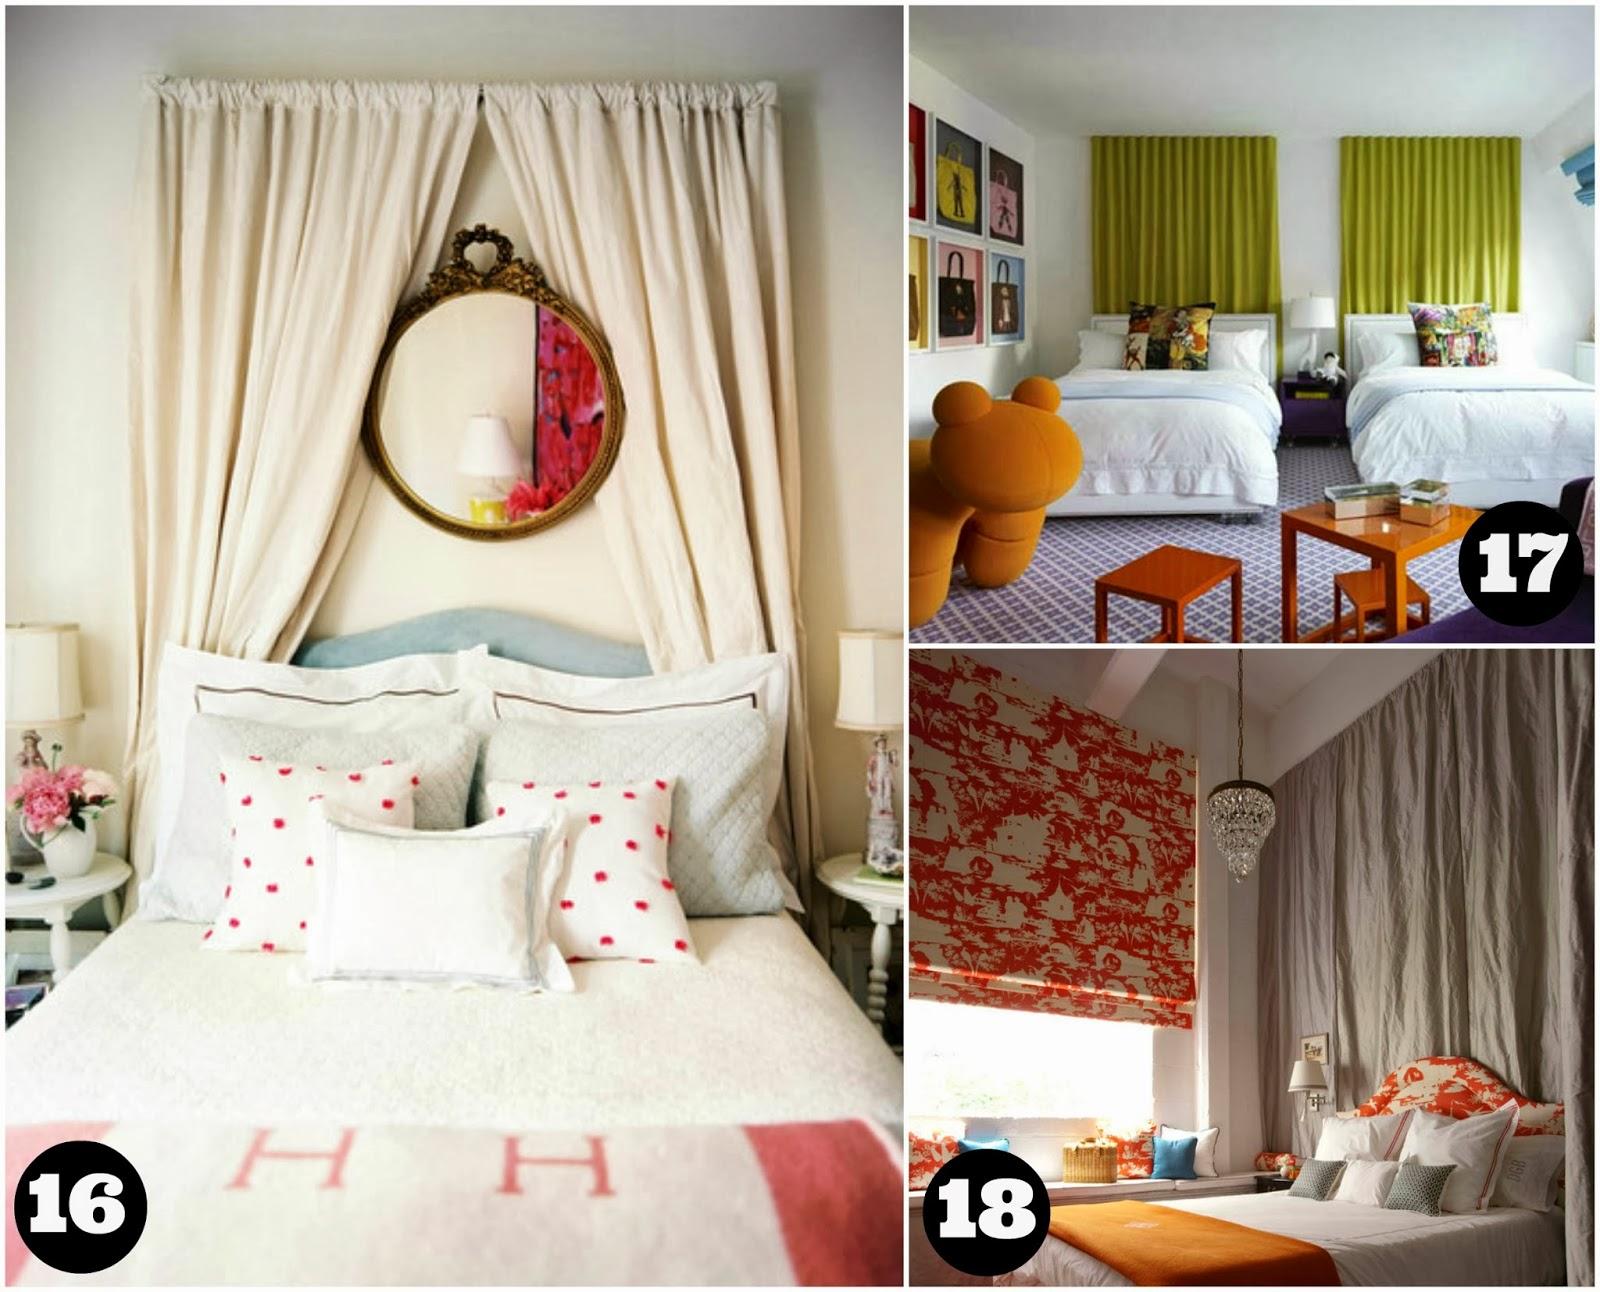 Casa montada 18 ideias para decorar a cabeceira com tecido - Cortinas para cama ...